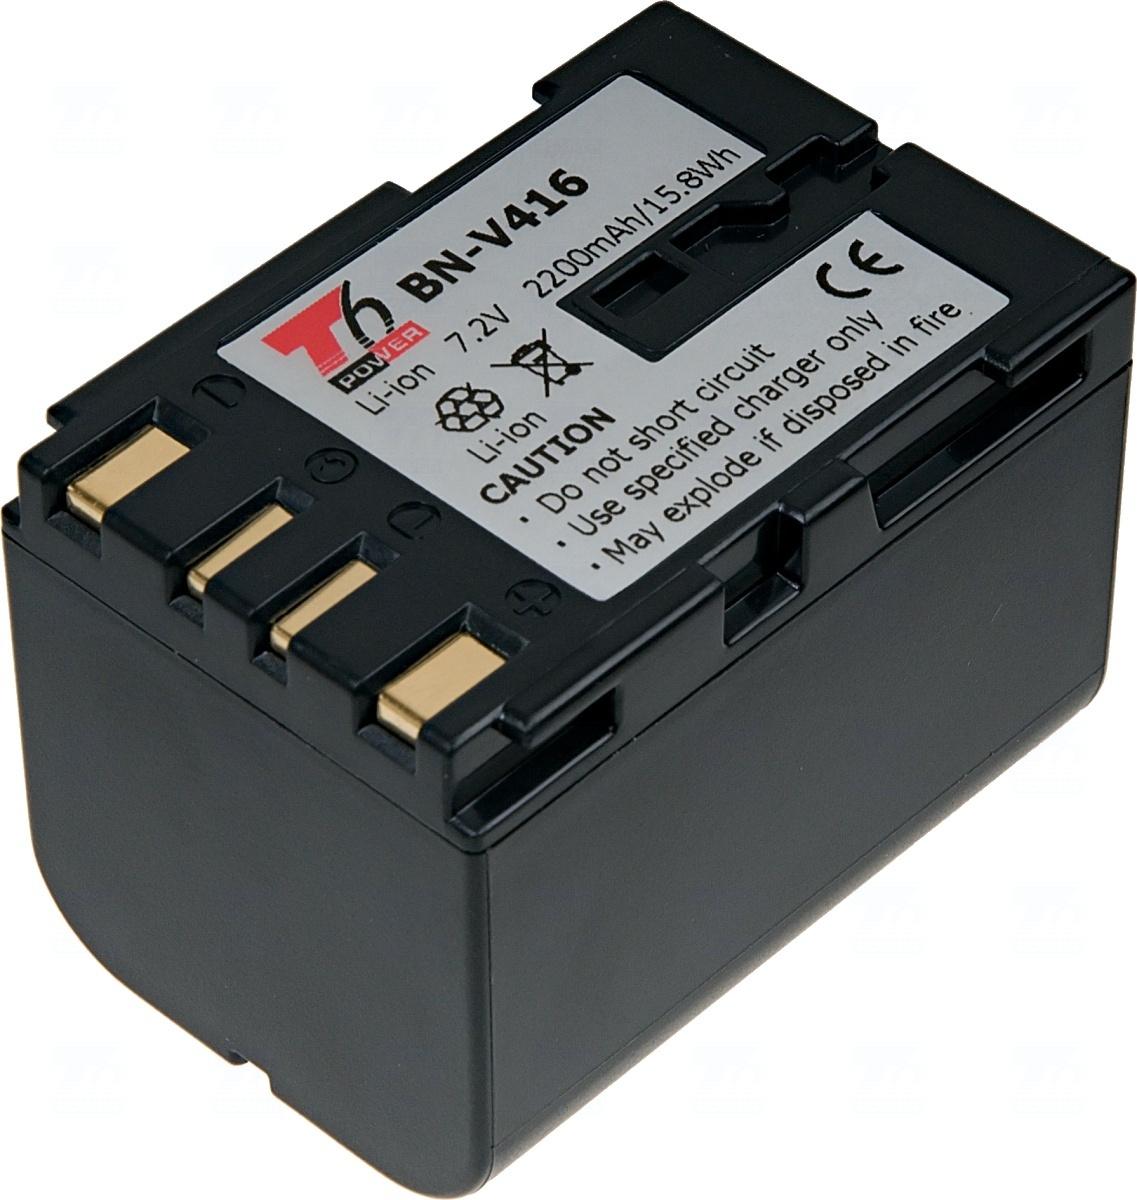 Baterie T6 power BN-V416, BN-V408, BN-V408-H, BN-V408U, BN-V416-H, BN-V416U, šedá